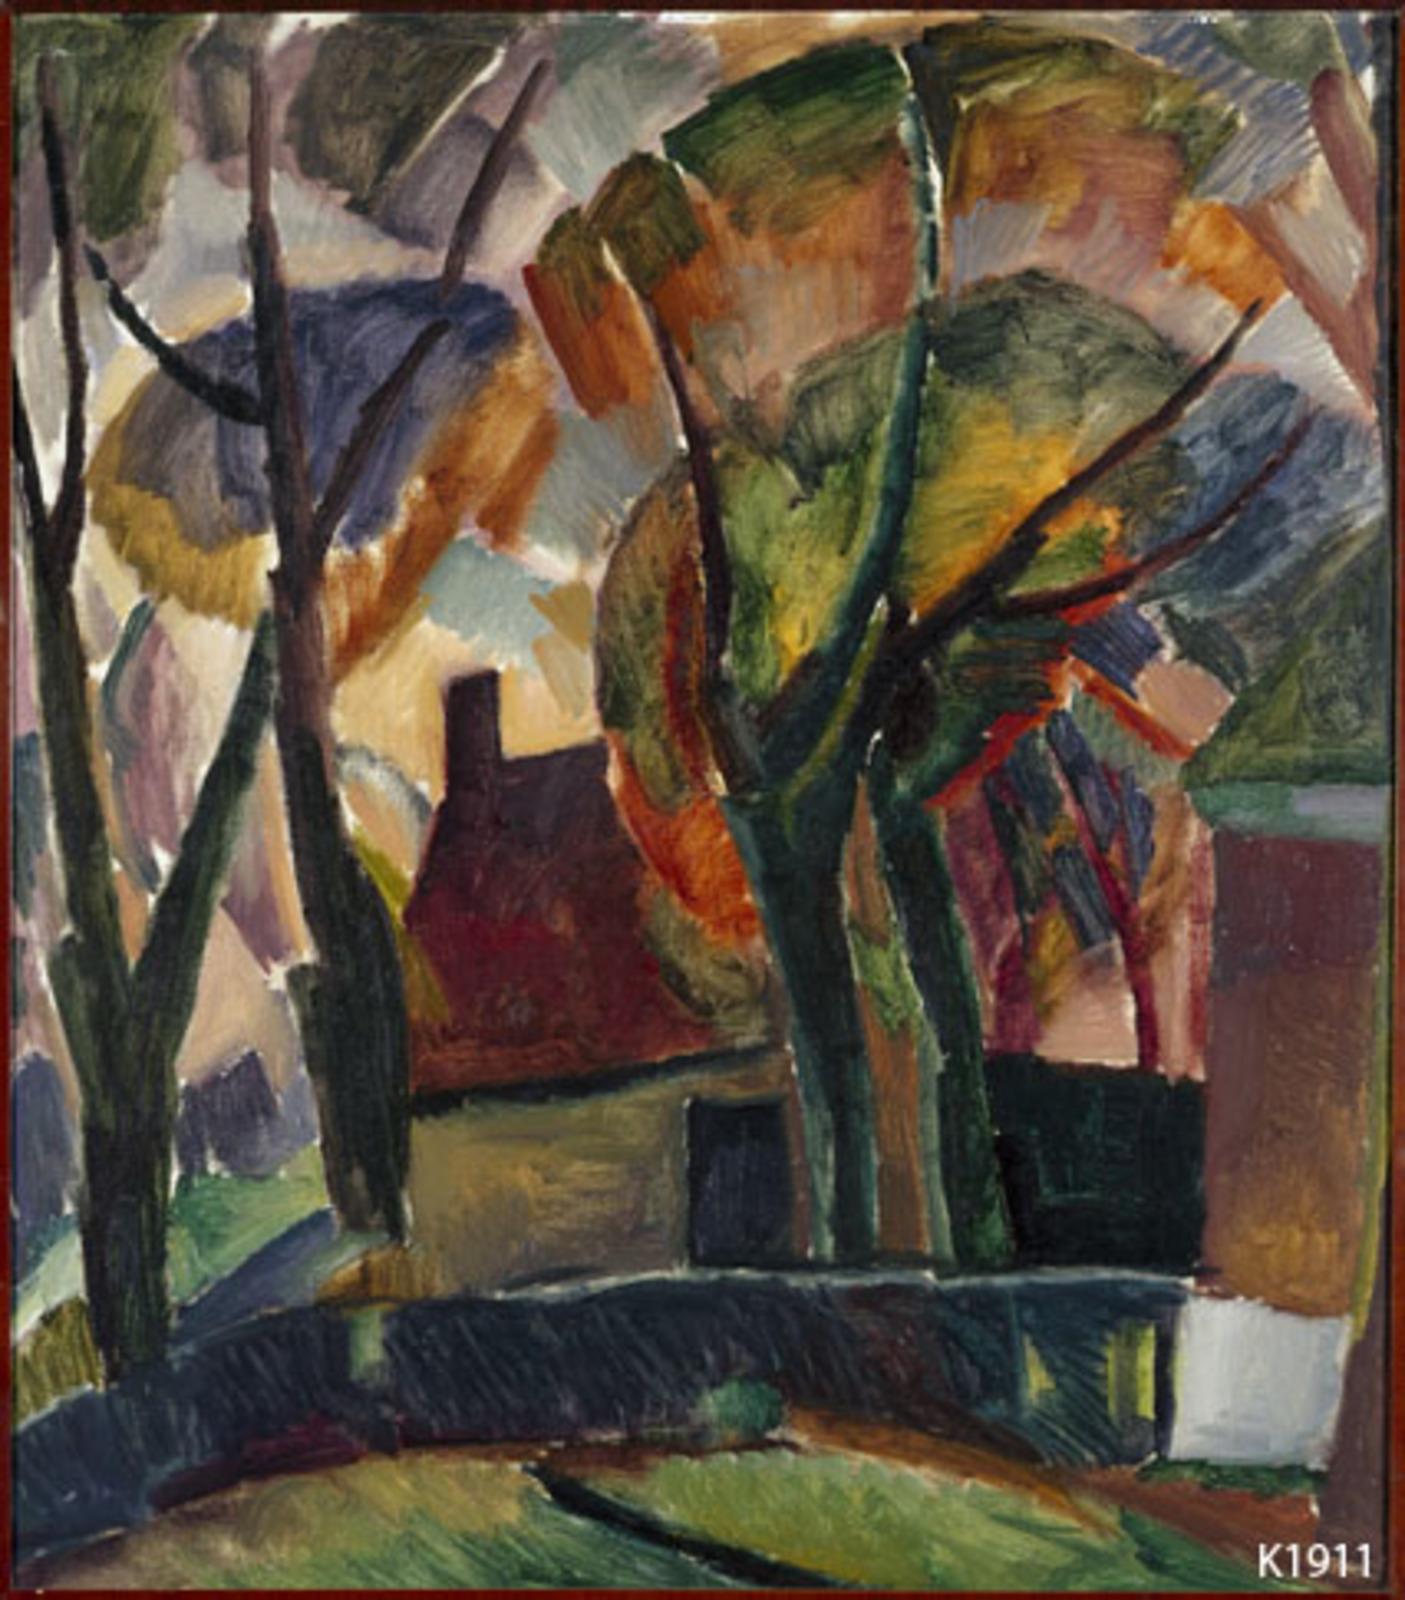 L. Gestel (22-11-1881 - 26-11-1941), Boerderij in de Beemster, 1921 – 1929, Rijksdienst voor het Cultureel Erfgoed